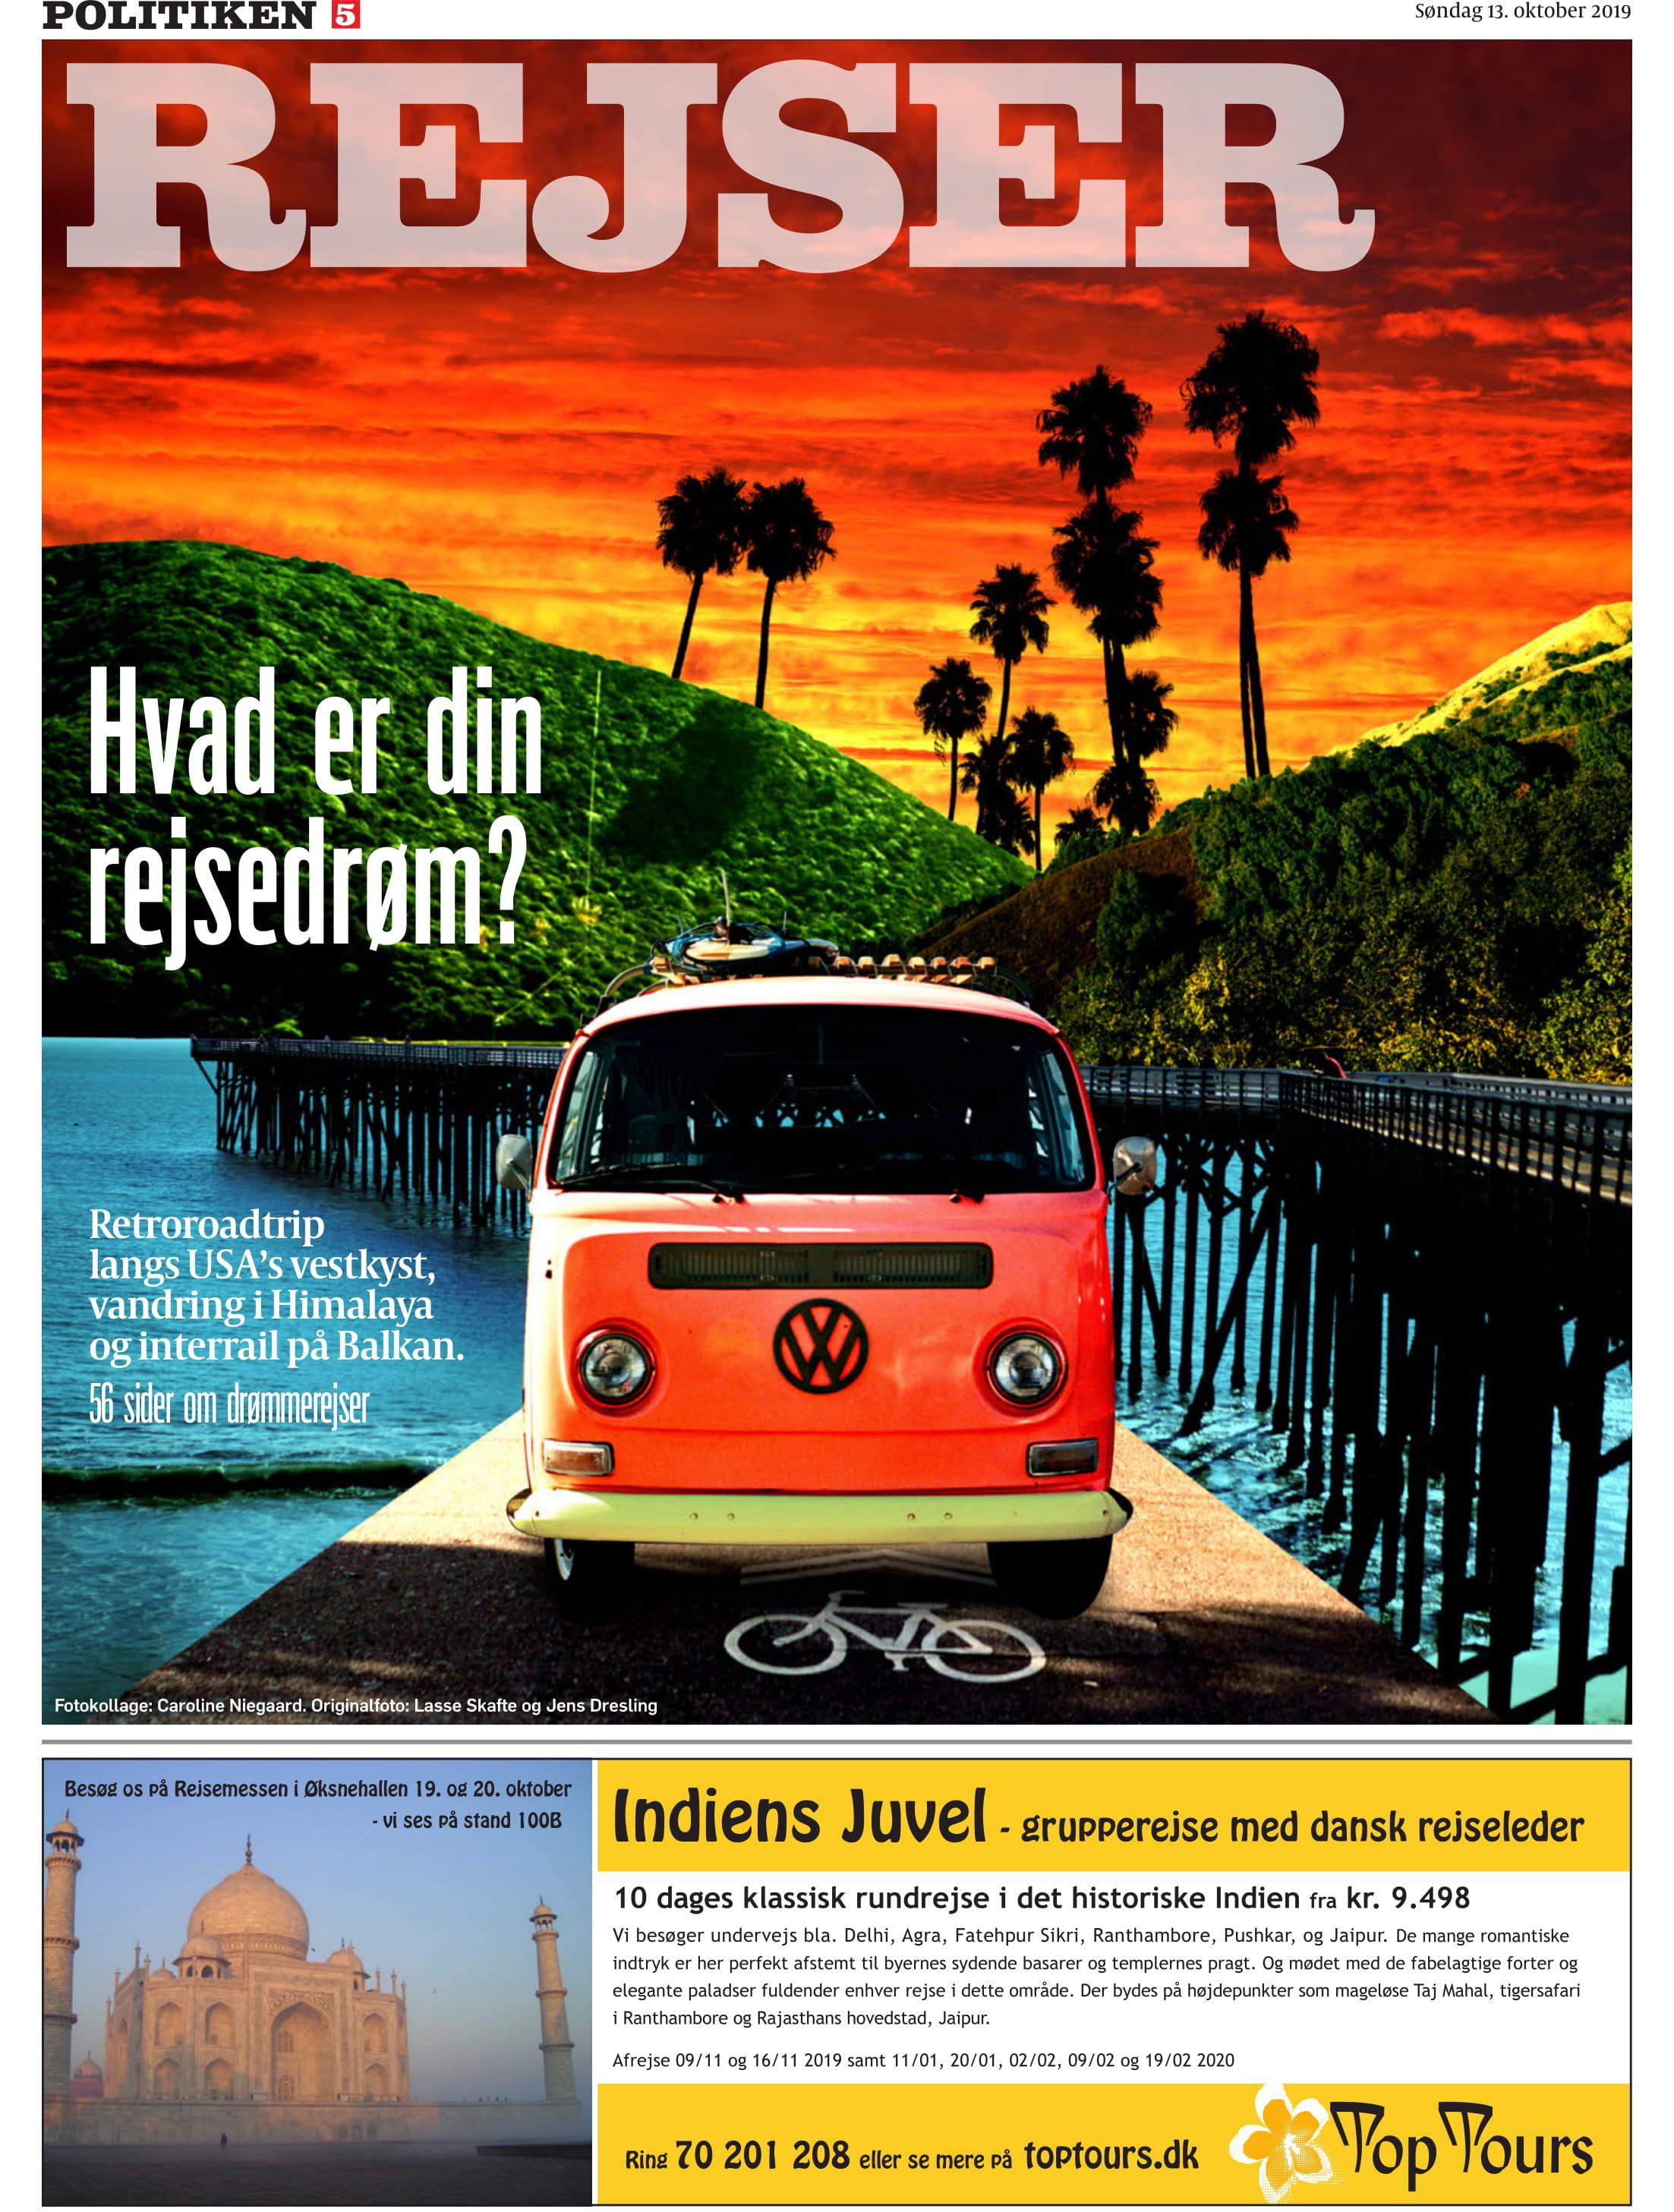 Rejser (9 udgivelser)